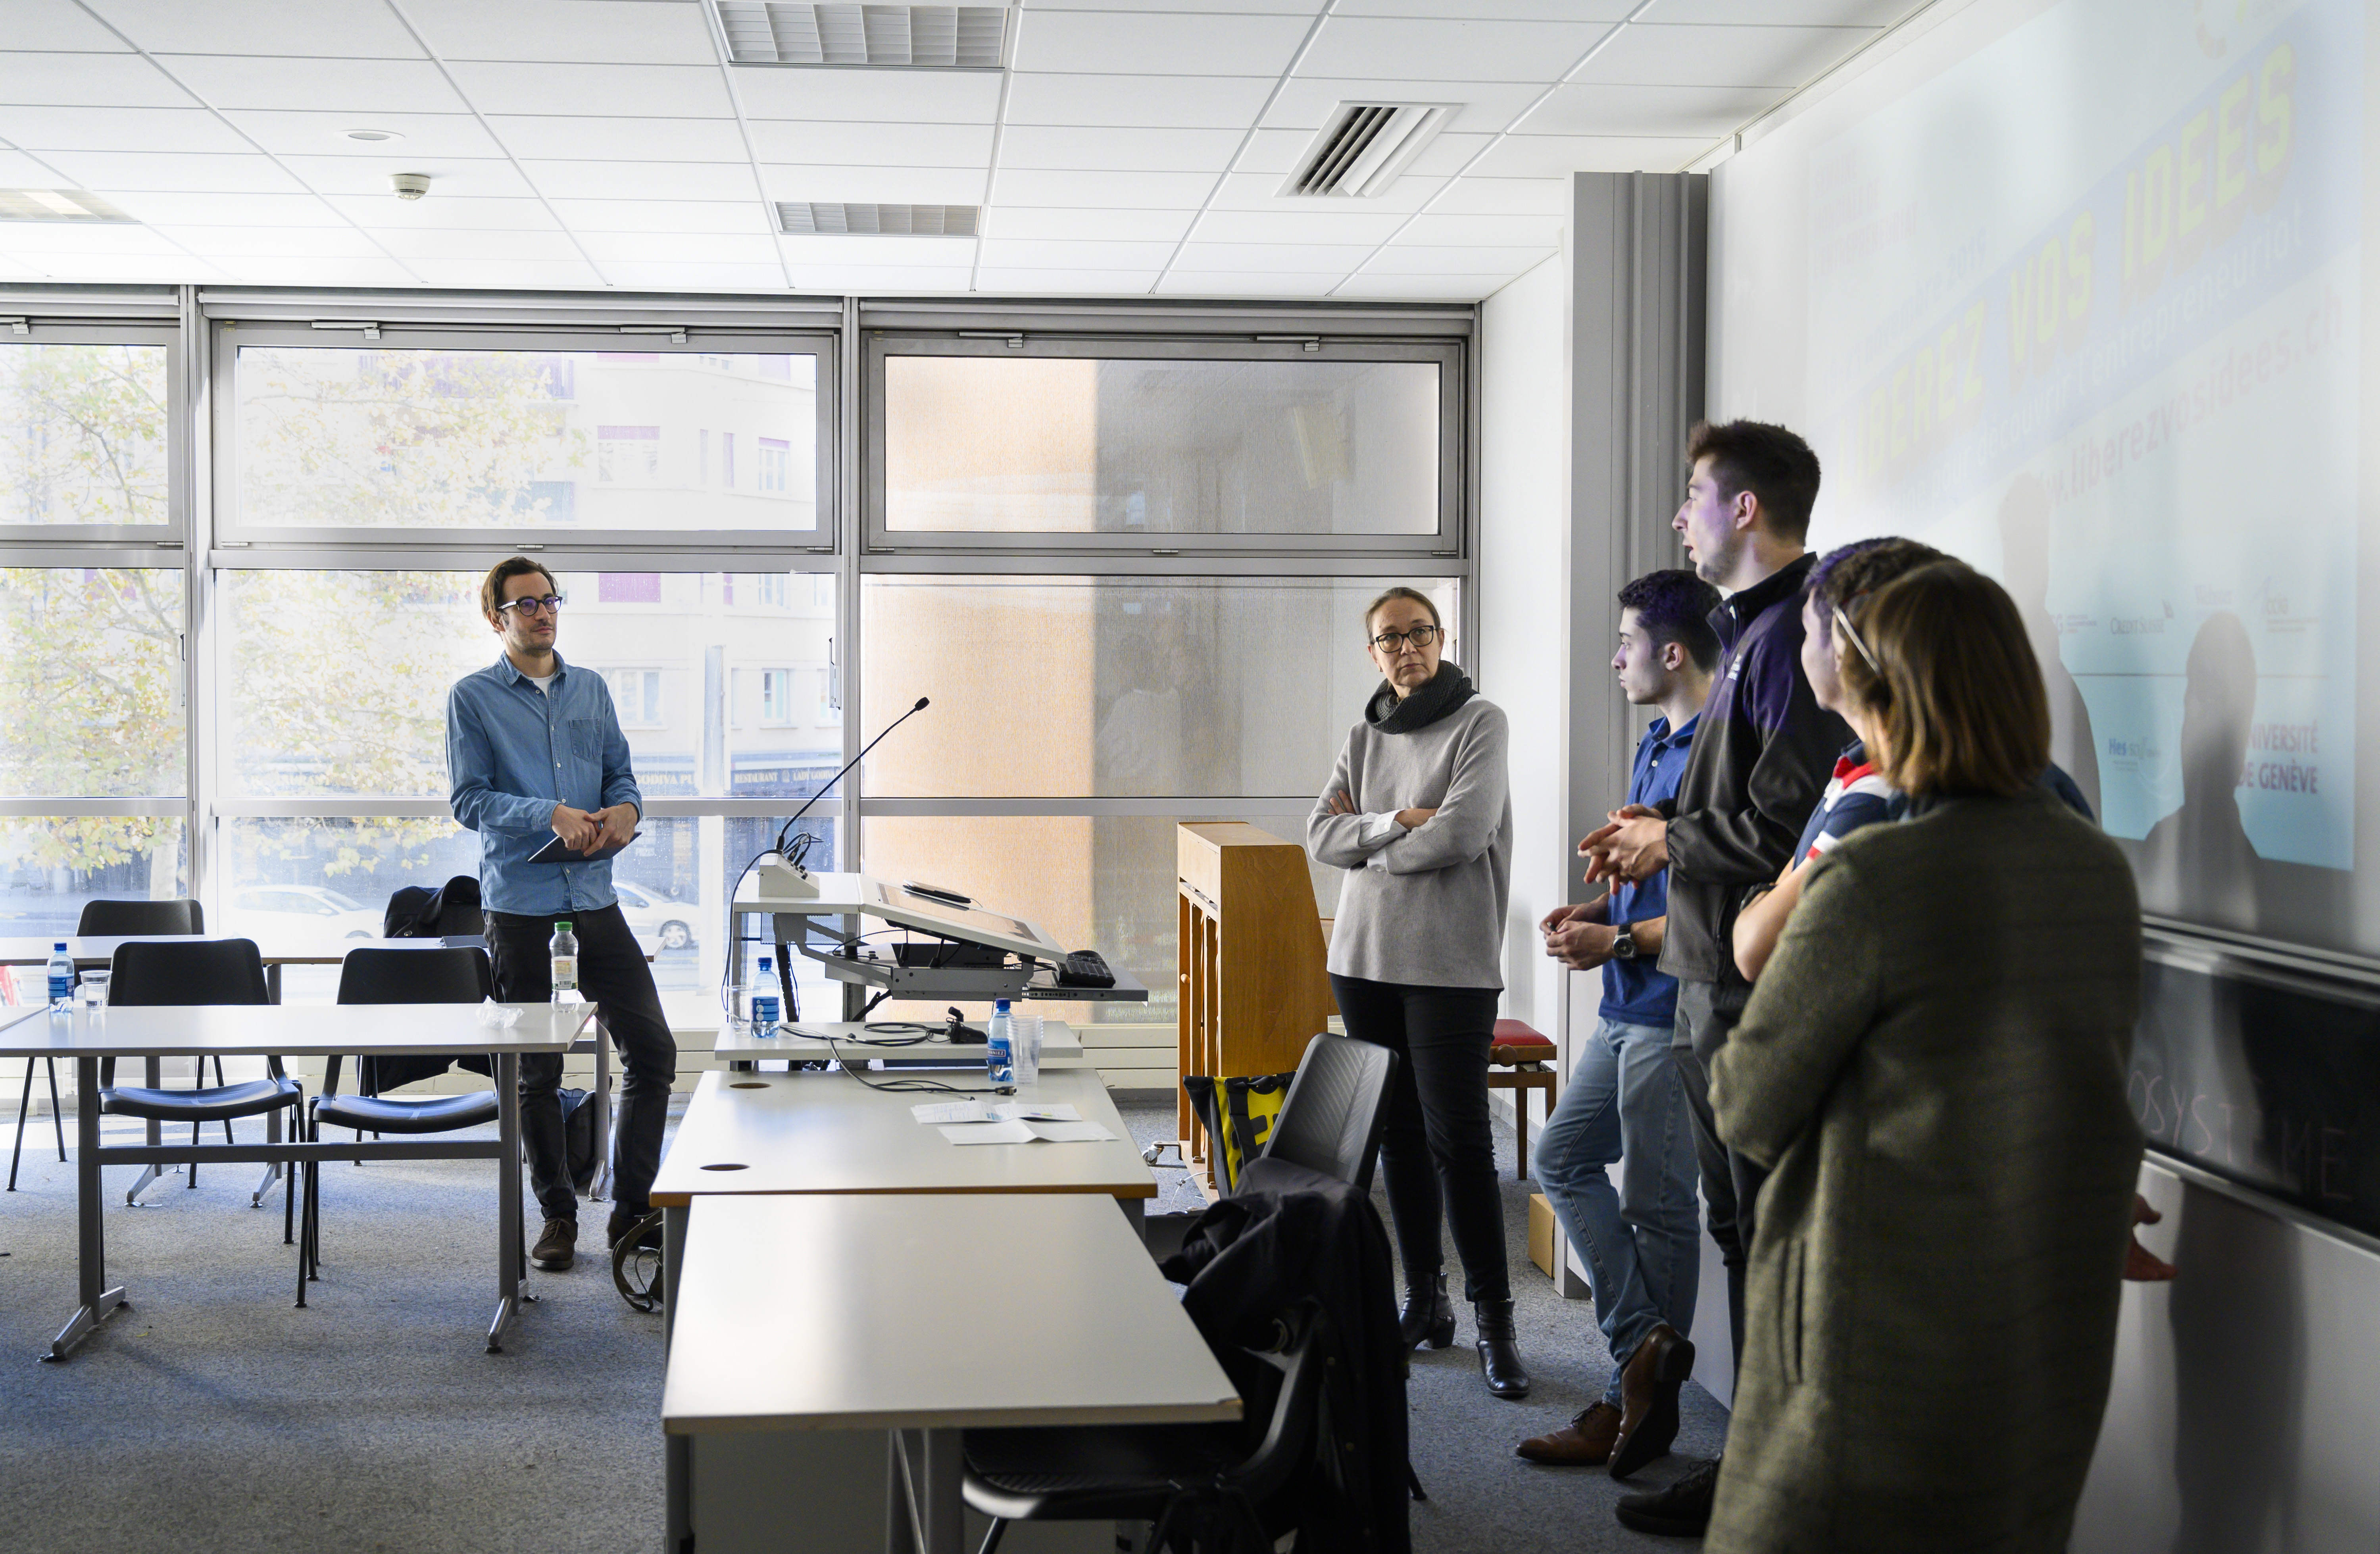 Etudiant.e.s: comment développer un esprit entrepreneurial pendant les études?